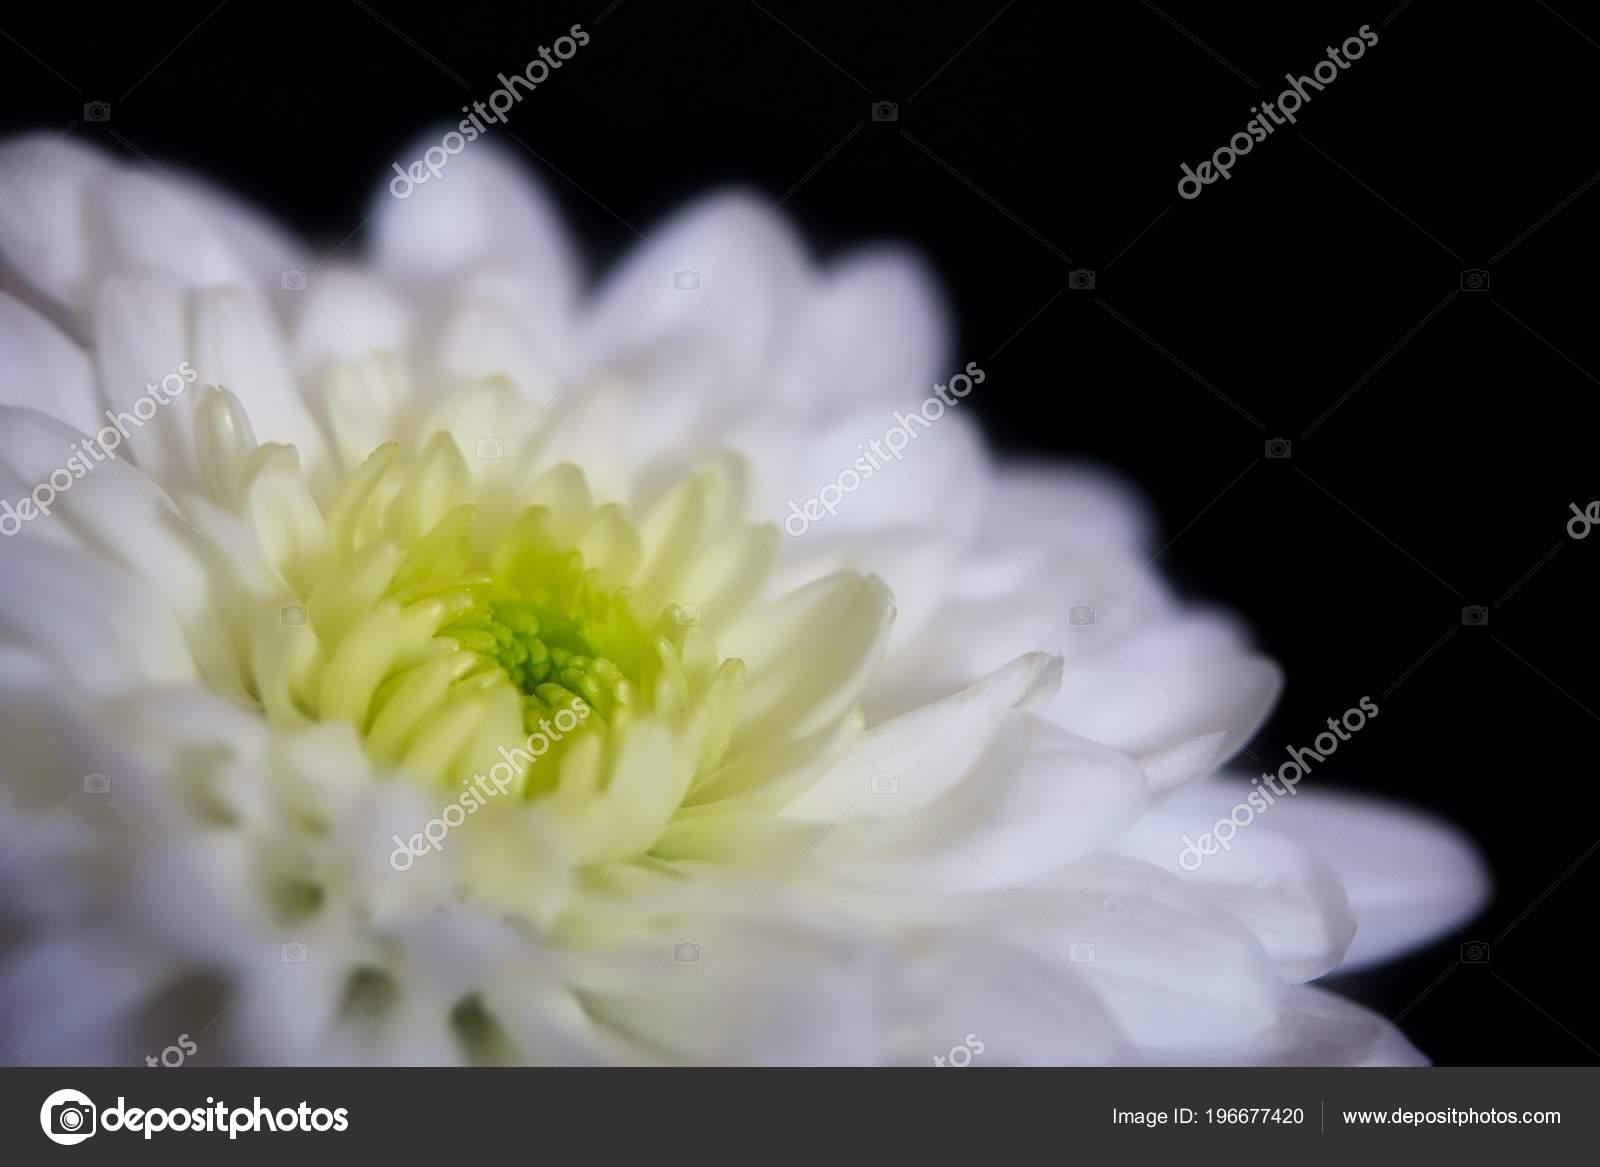 Beautiful White Chrysanthemum Flower Black Background Stock Photo